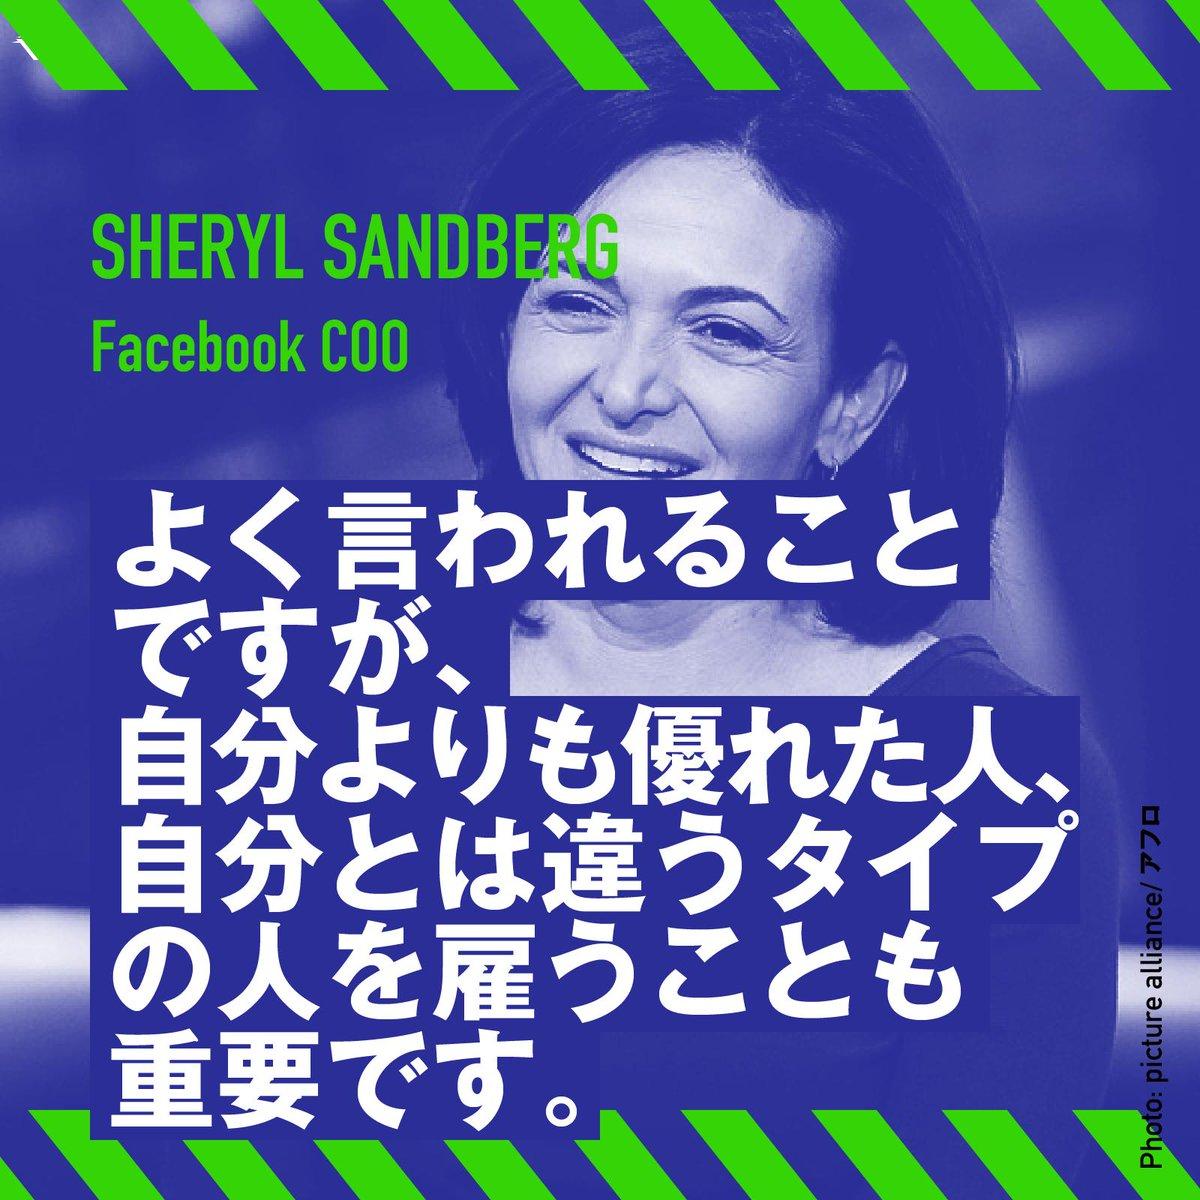 「私は感情の起伏が激しくて、物事のスピードが遅いとピリピリしてしまう。激しく喜ぶときもあれば、がっくり落ち込むときもある。でもデービッドは違う。どんなときも絶対に冷静です」Facebook COOシェリル・サンドバーグが考える採用のコツとは?インタビューを読む 👉